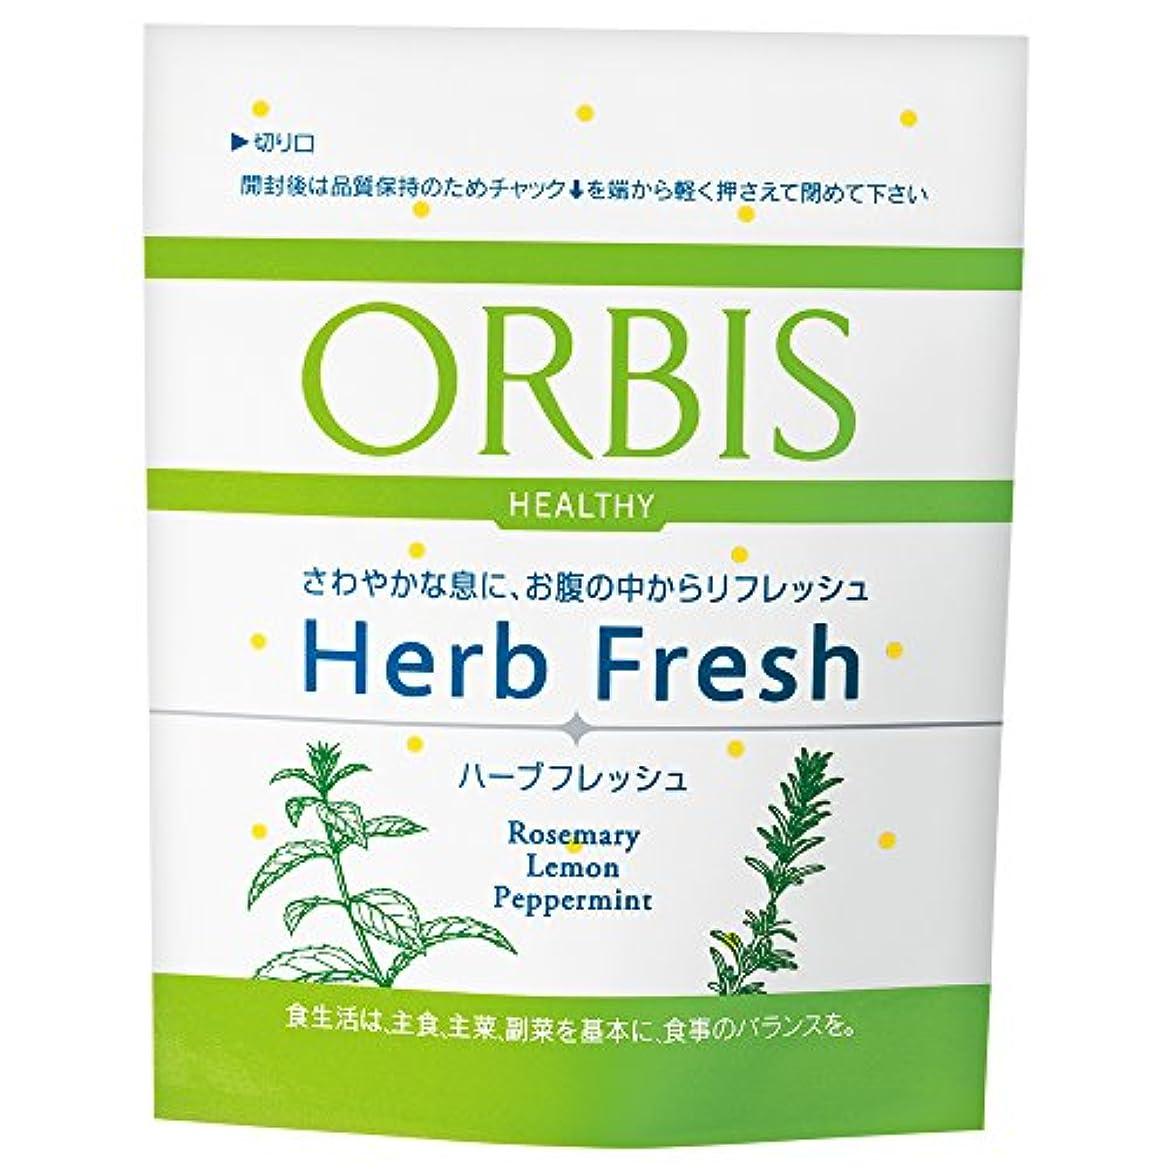 それに応じて食い違い衣類オルビス(ORBIS) ハーブフレッシュ レギュラー 10~30日分(240mg×30粒) ◎エチケットサプリメント◎